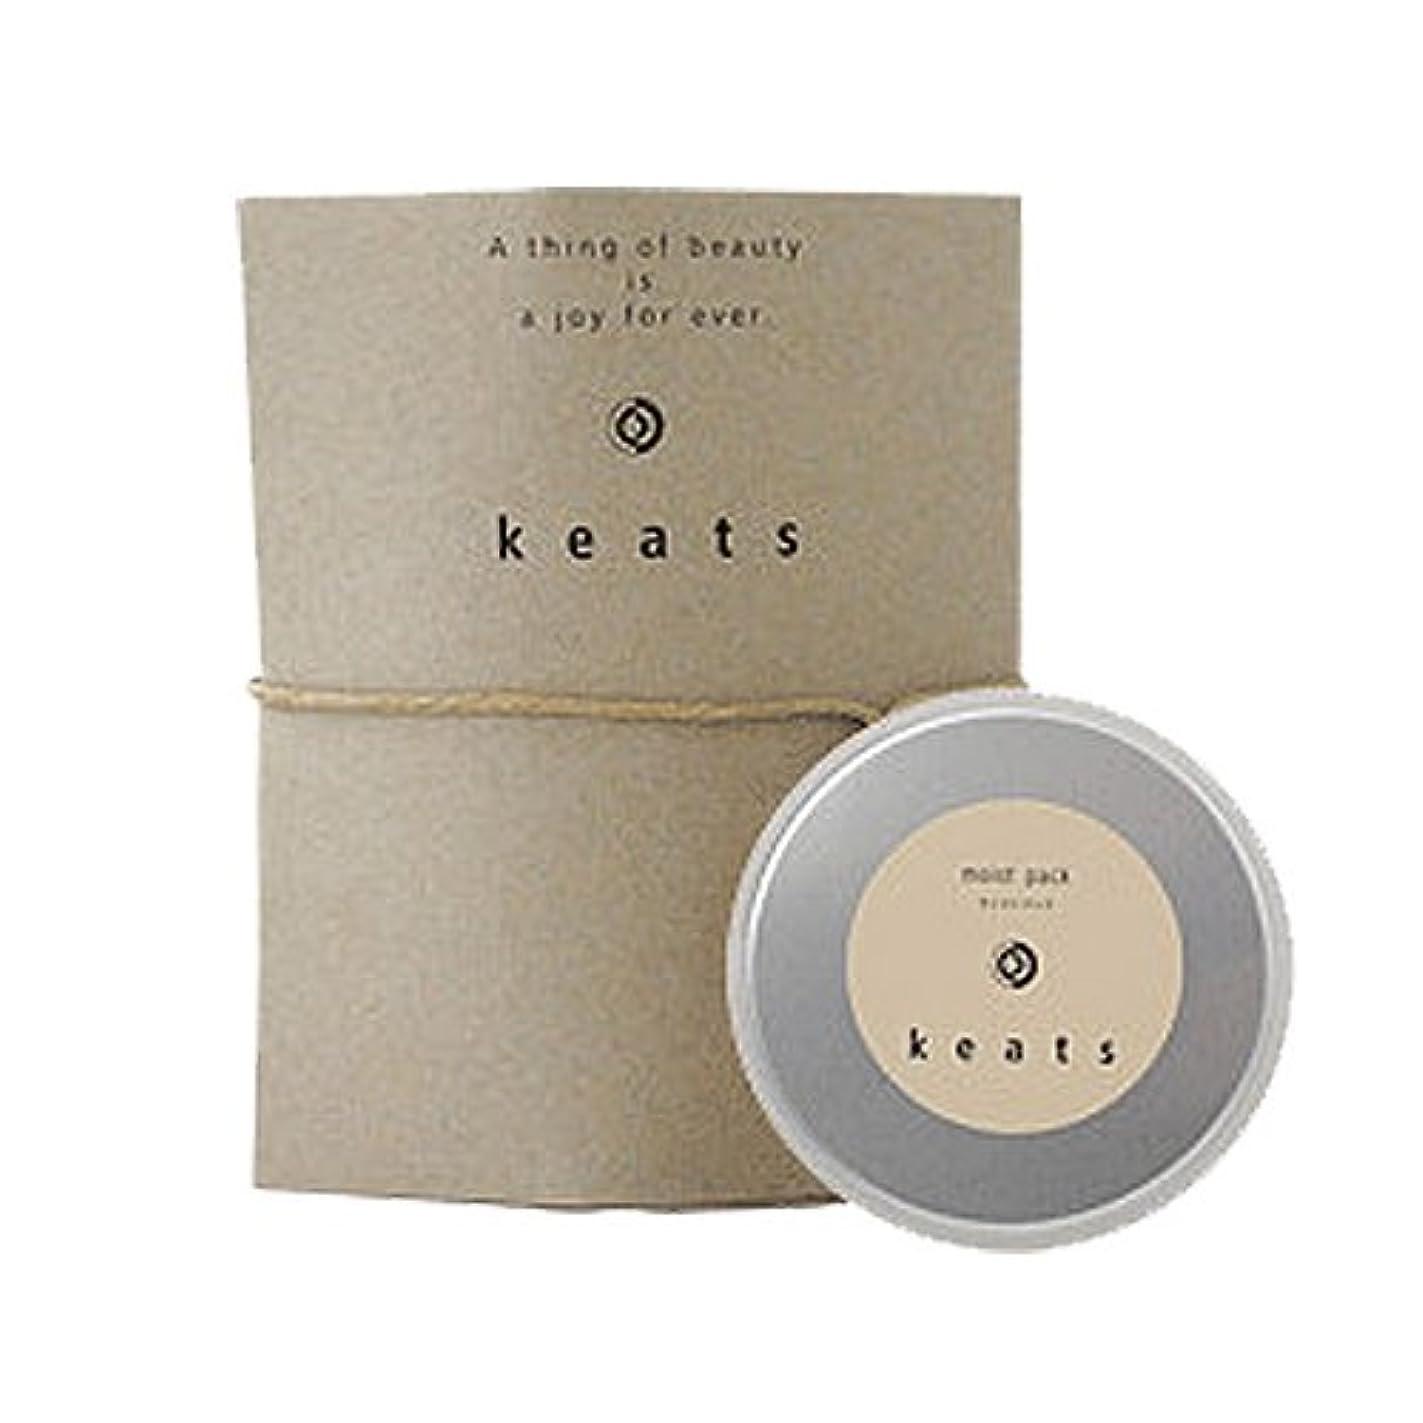 エミュレーション用心深い溶けたキーツ(keats) モイストパック 80g[並行輸入品]